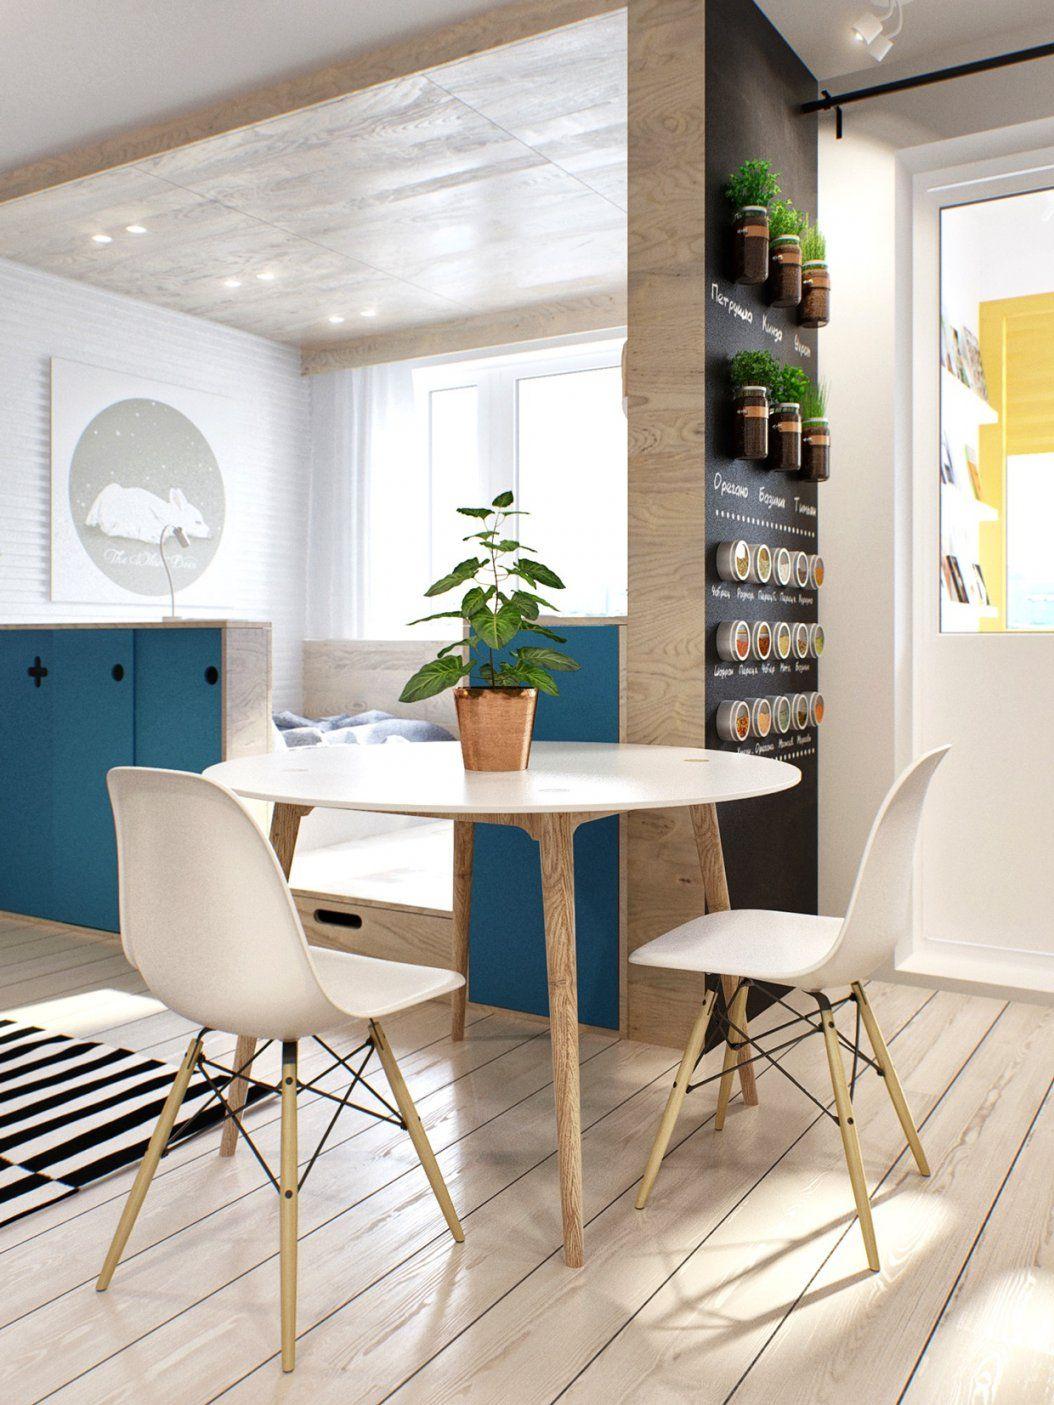 Ikea Esstisch Stühle Luxus Esstisch Fur Kleines Wohnzimmer von Esstisch Für Kleines Wohnzimmer Bild